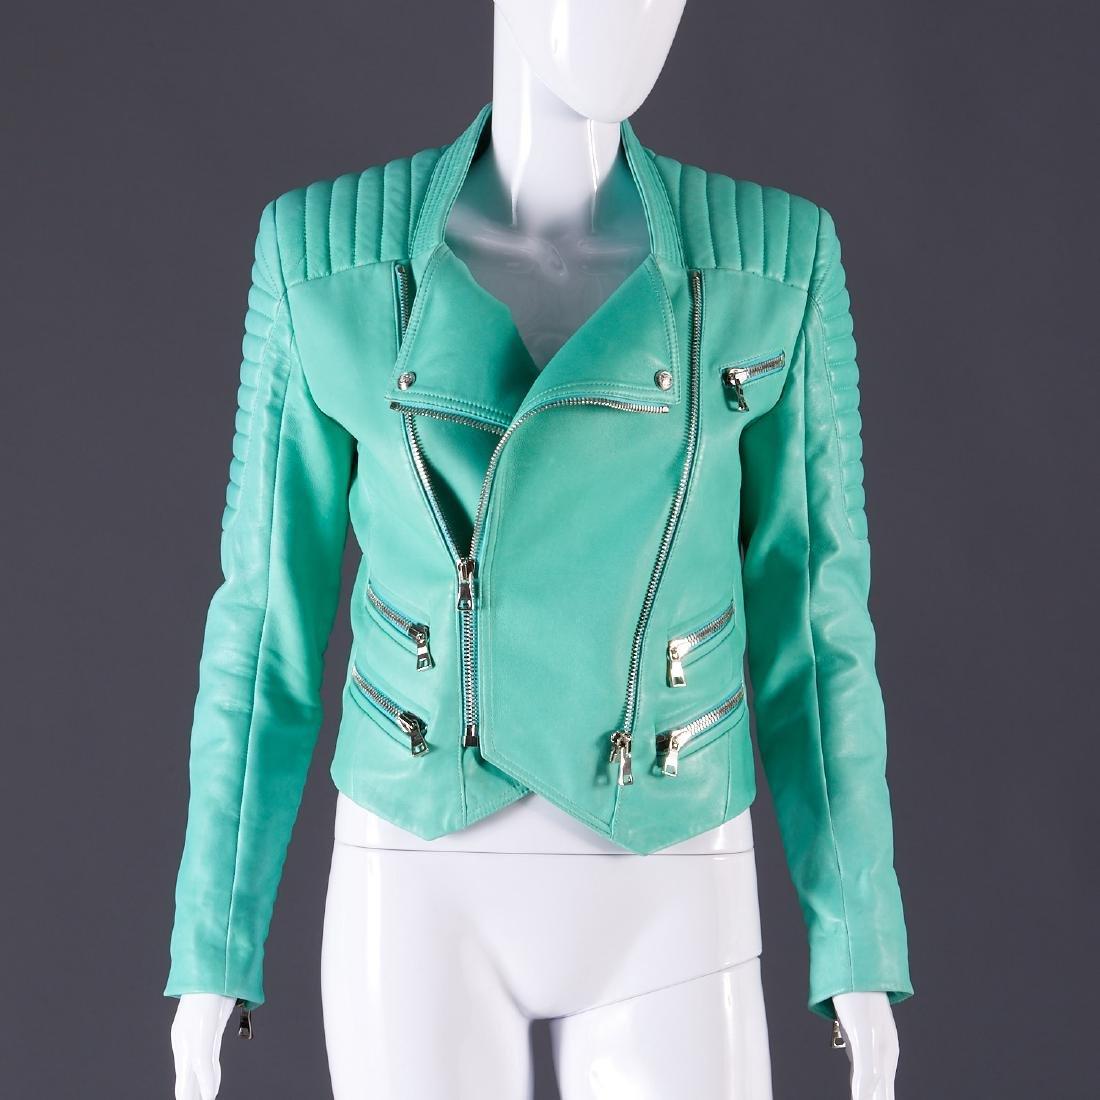 Balmain Paris turquoise lambskin jacket - 9